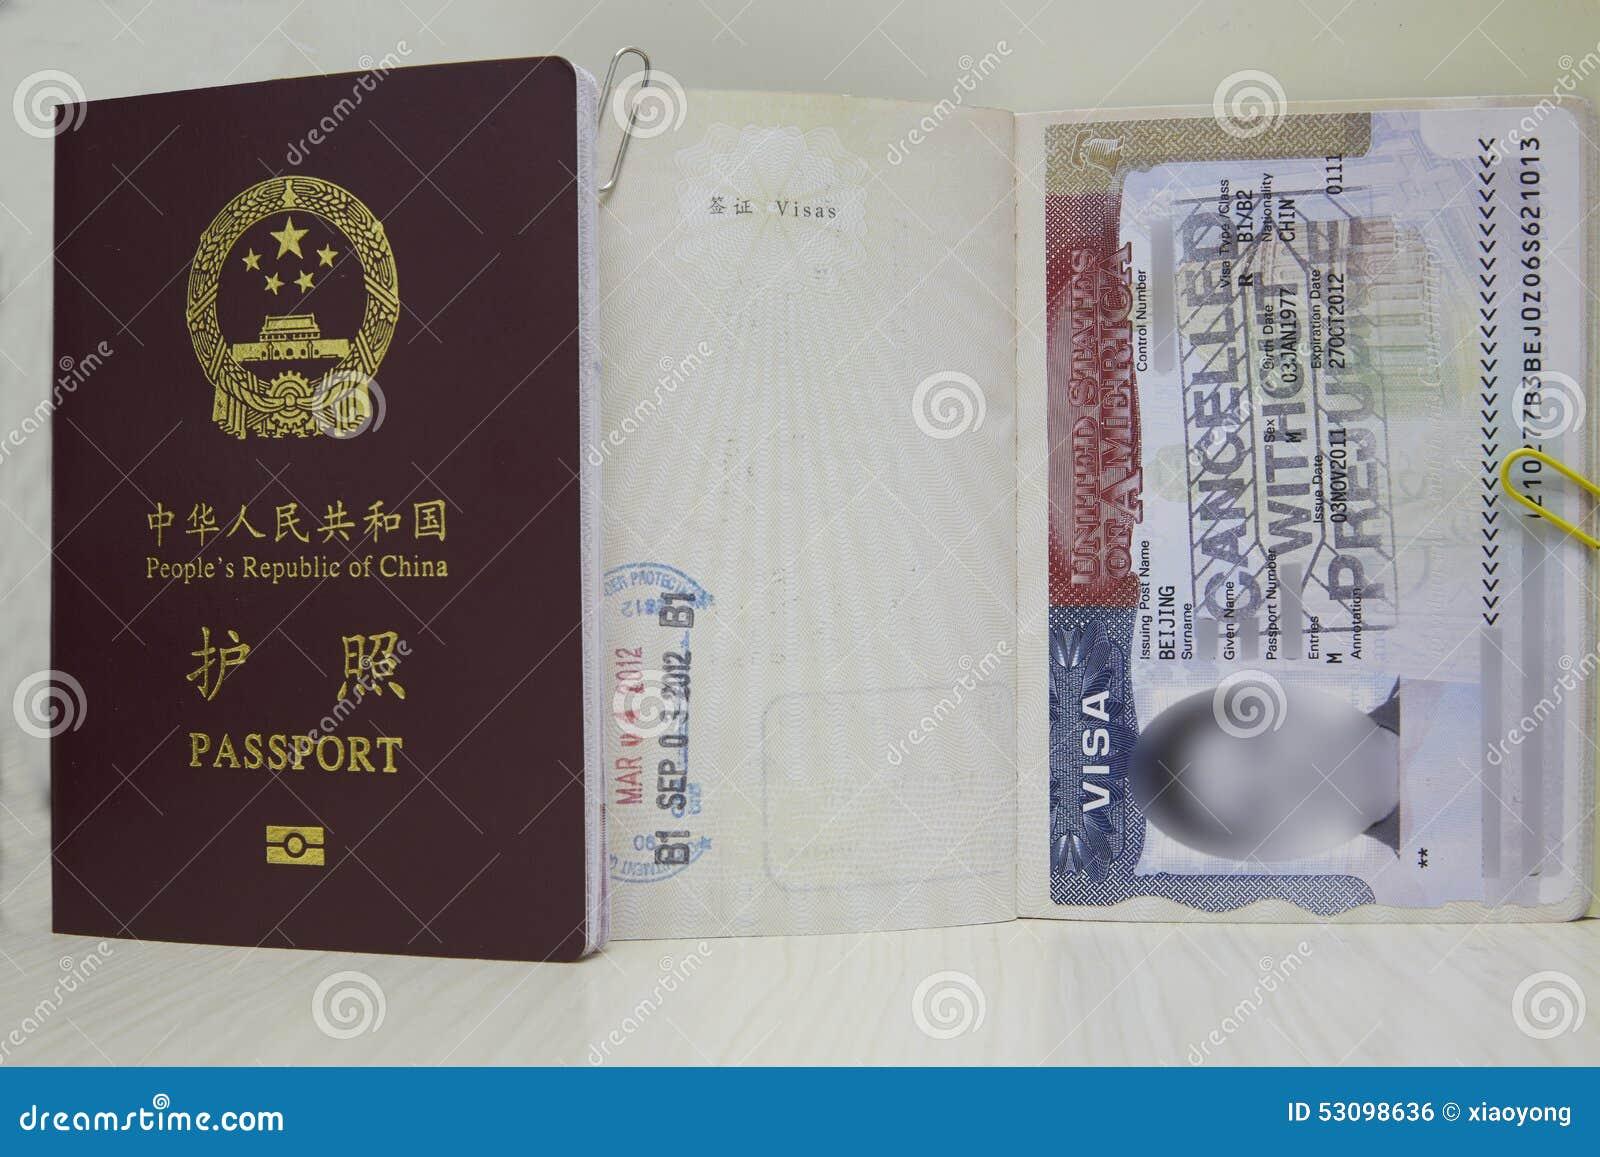 USA VISA And China Passport Stock Photo - Image of chinese